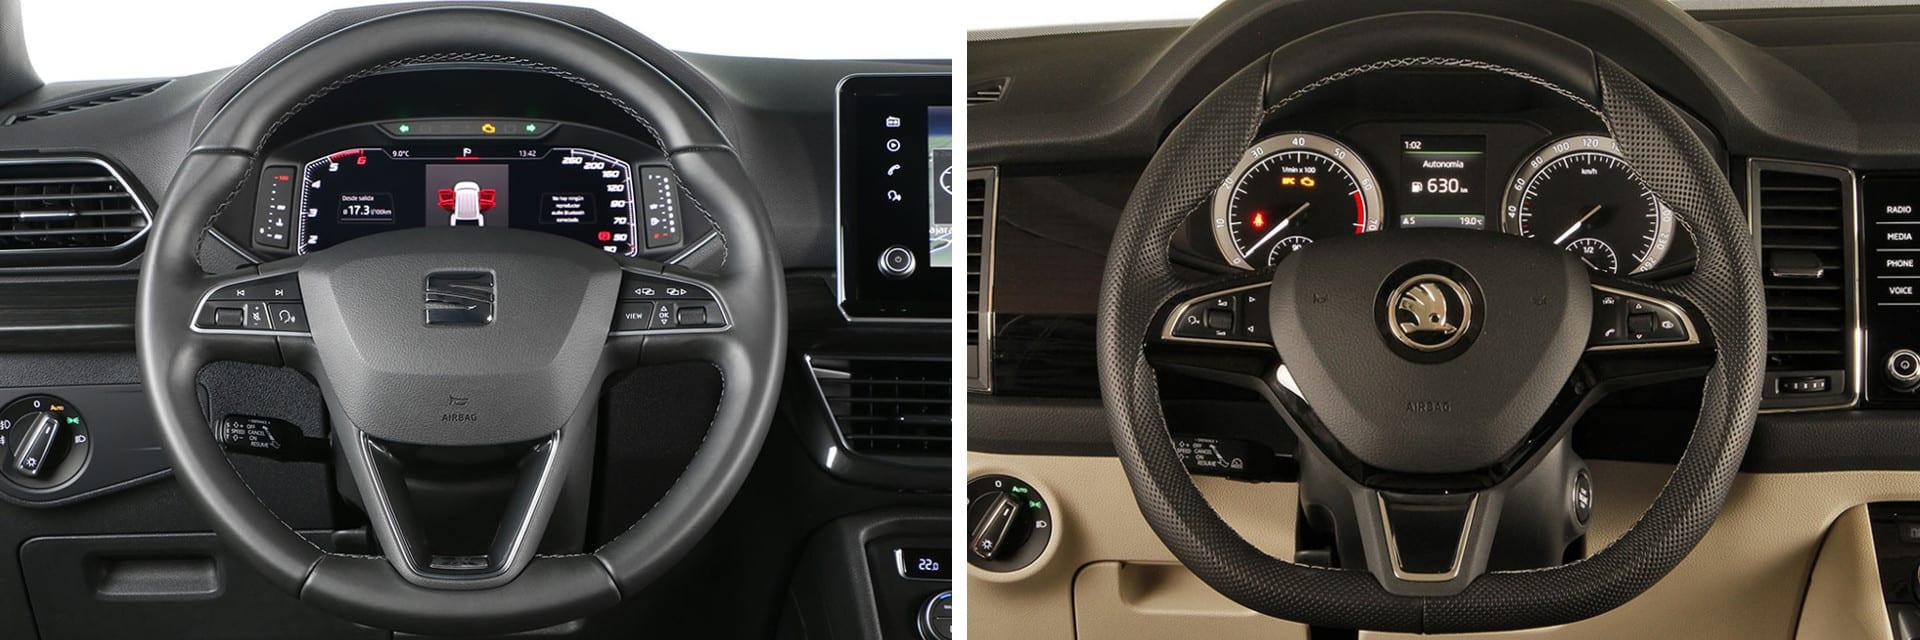 La persona que conduzca se va a sentir a gusto en el puesto de conducción de cualquiera de los dos coches. / km77